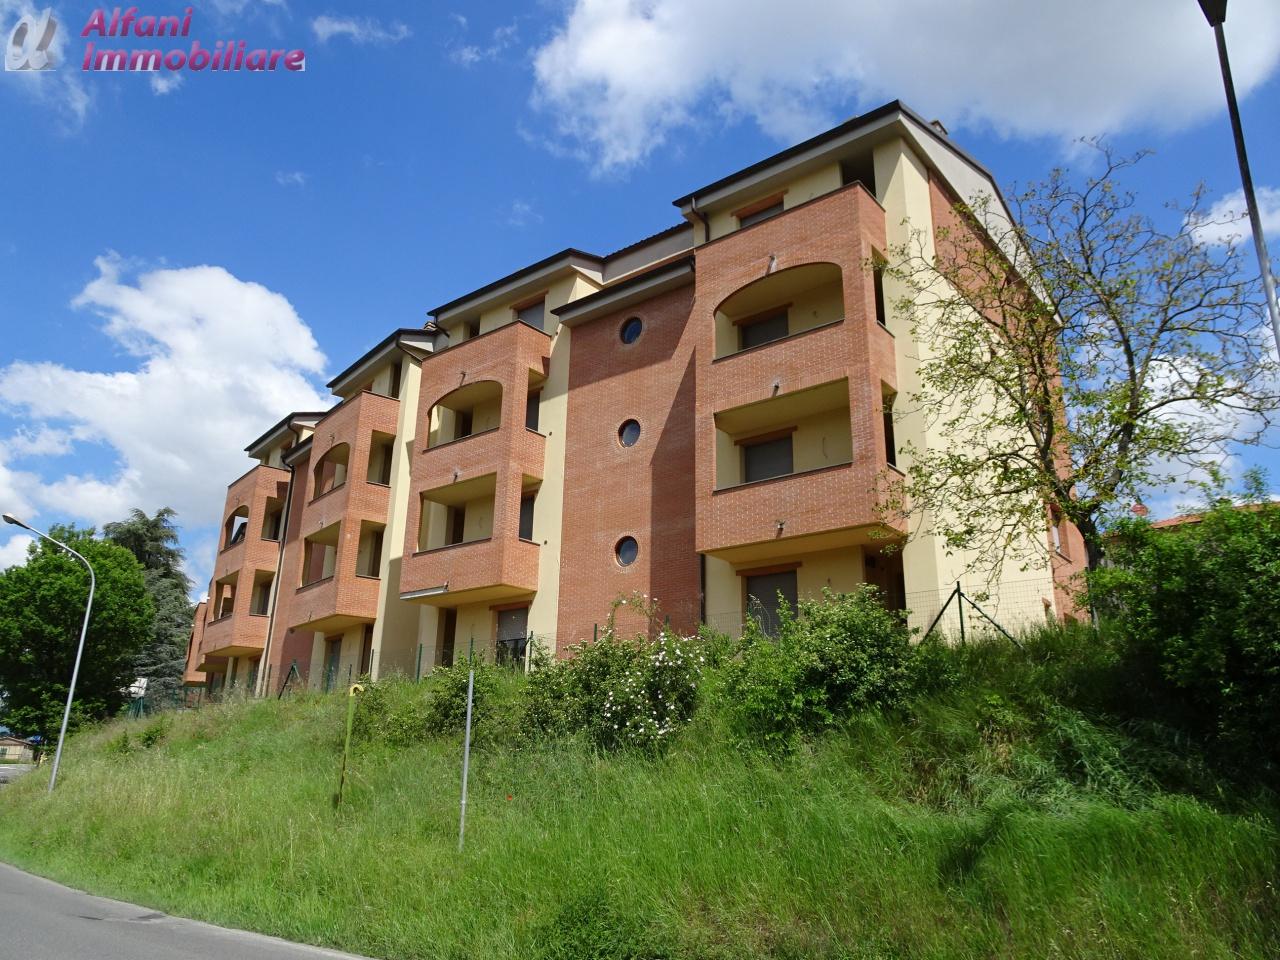 Appartamento trilocale in vendita a bibbiena agenzie for Appartamento di efficienza seminterrato